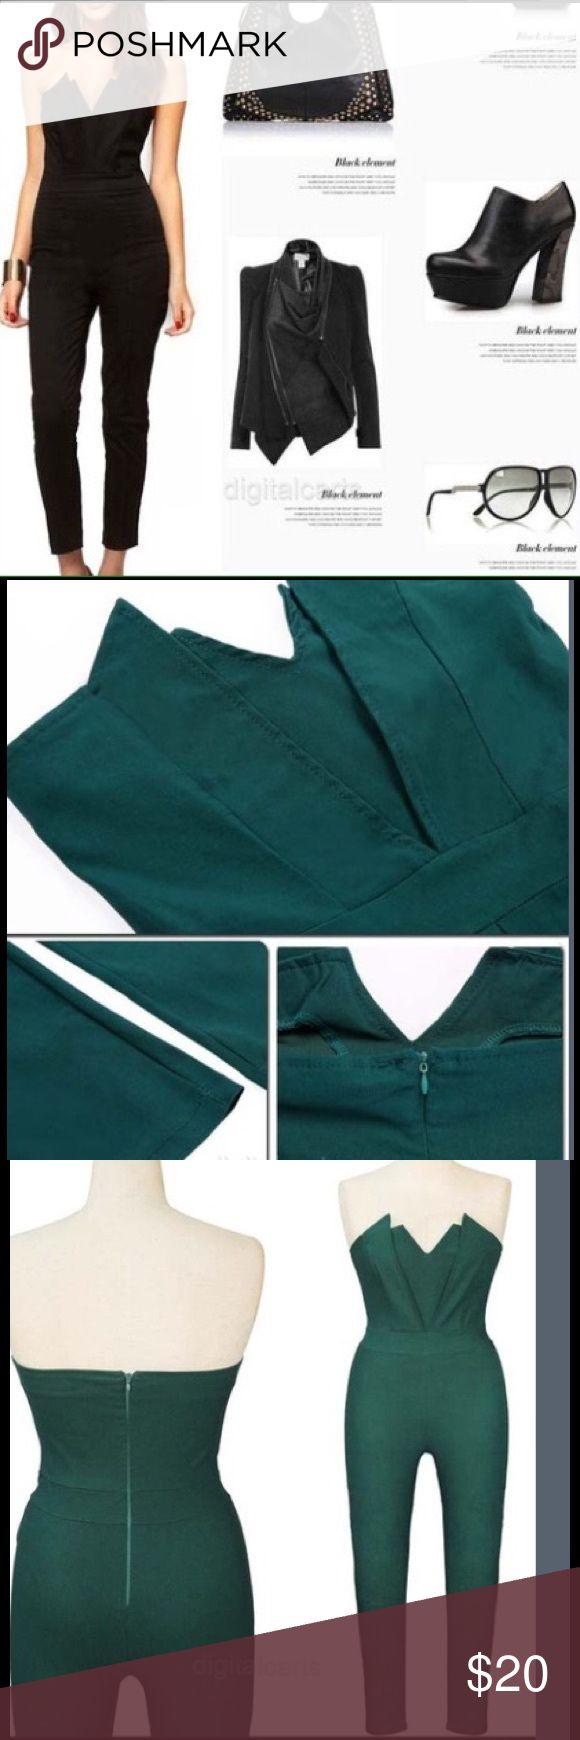 👉 Off Shoulder V-neck Jumpsuit/ SALE TODAY 🌓⏱ New! Boutique Other